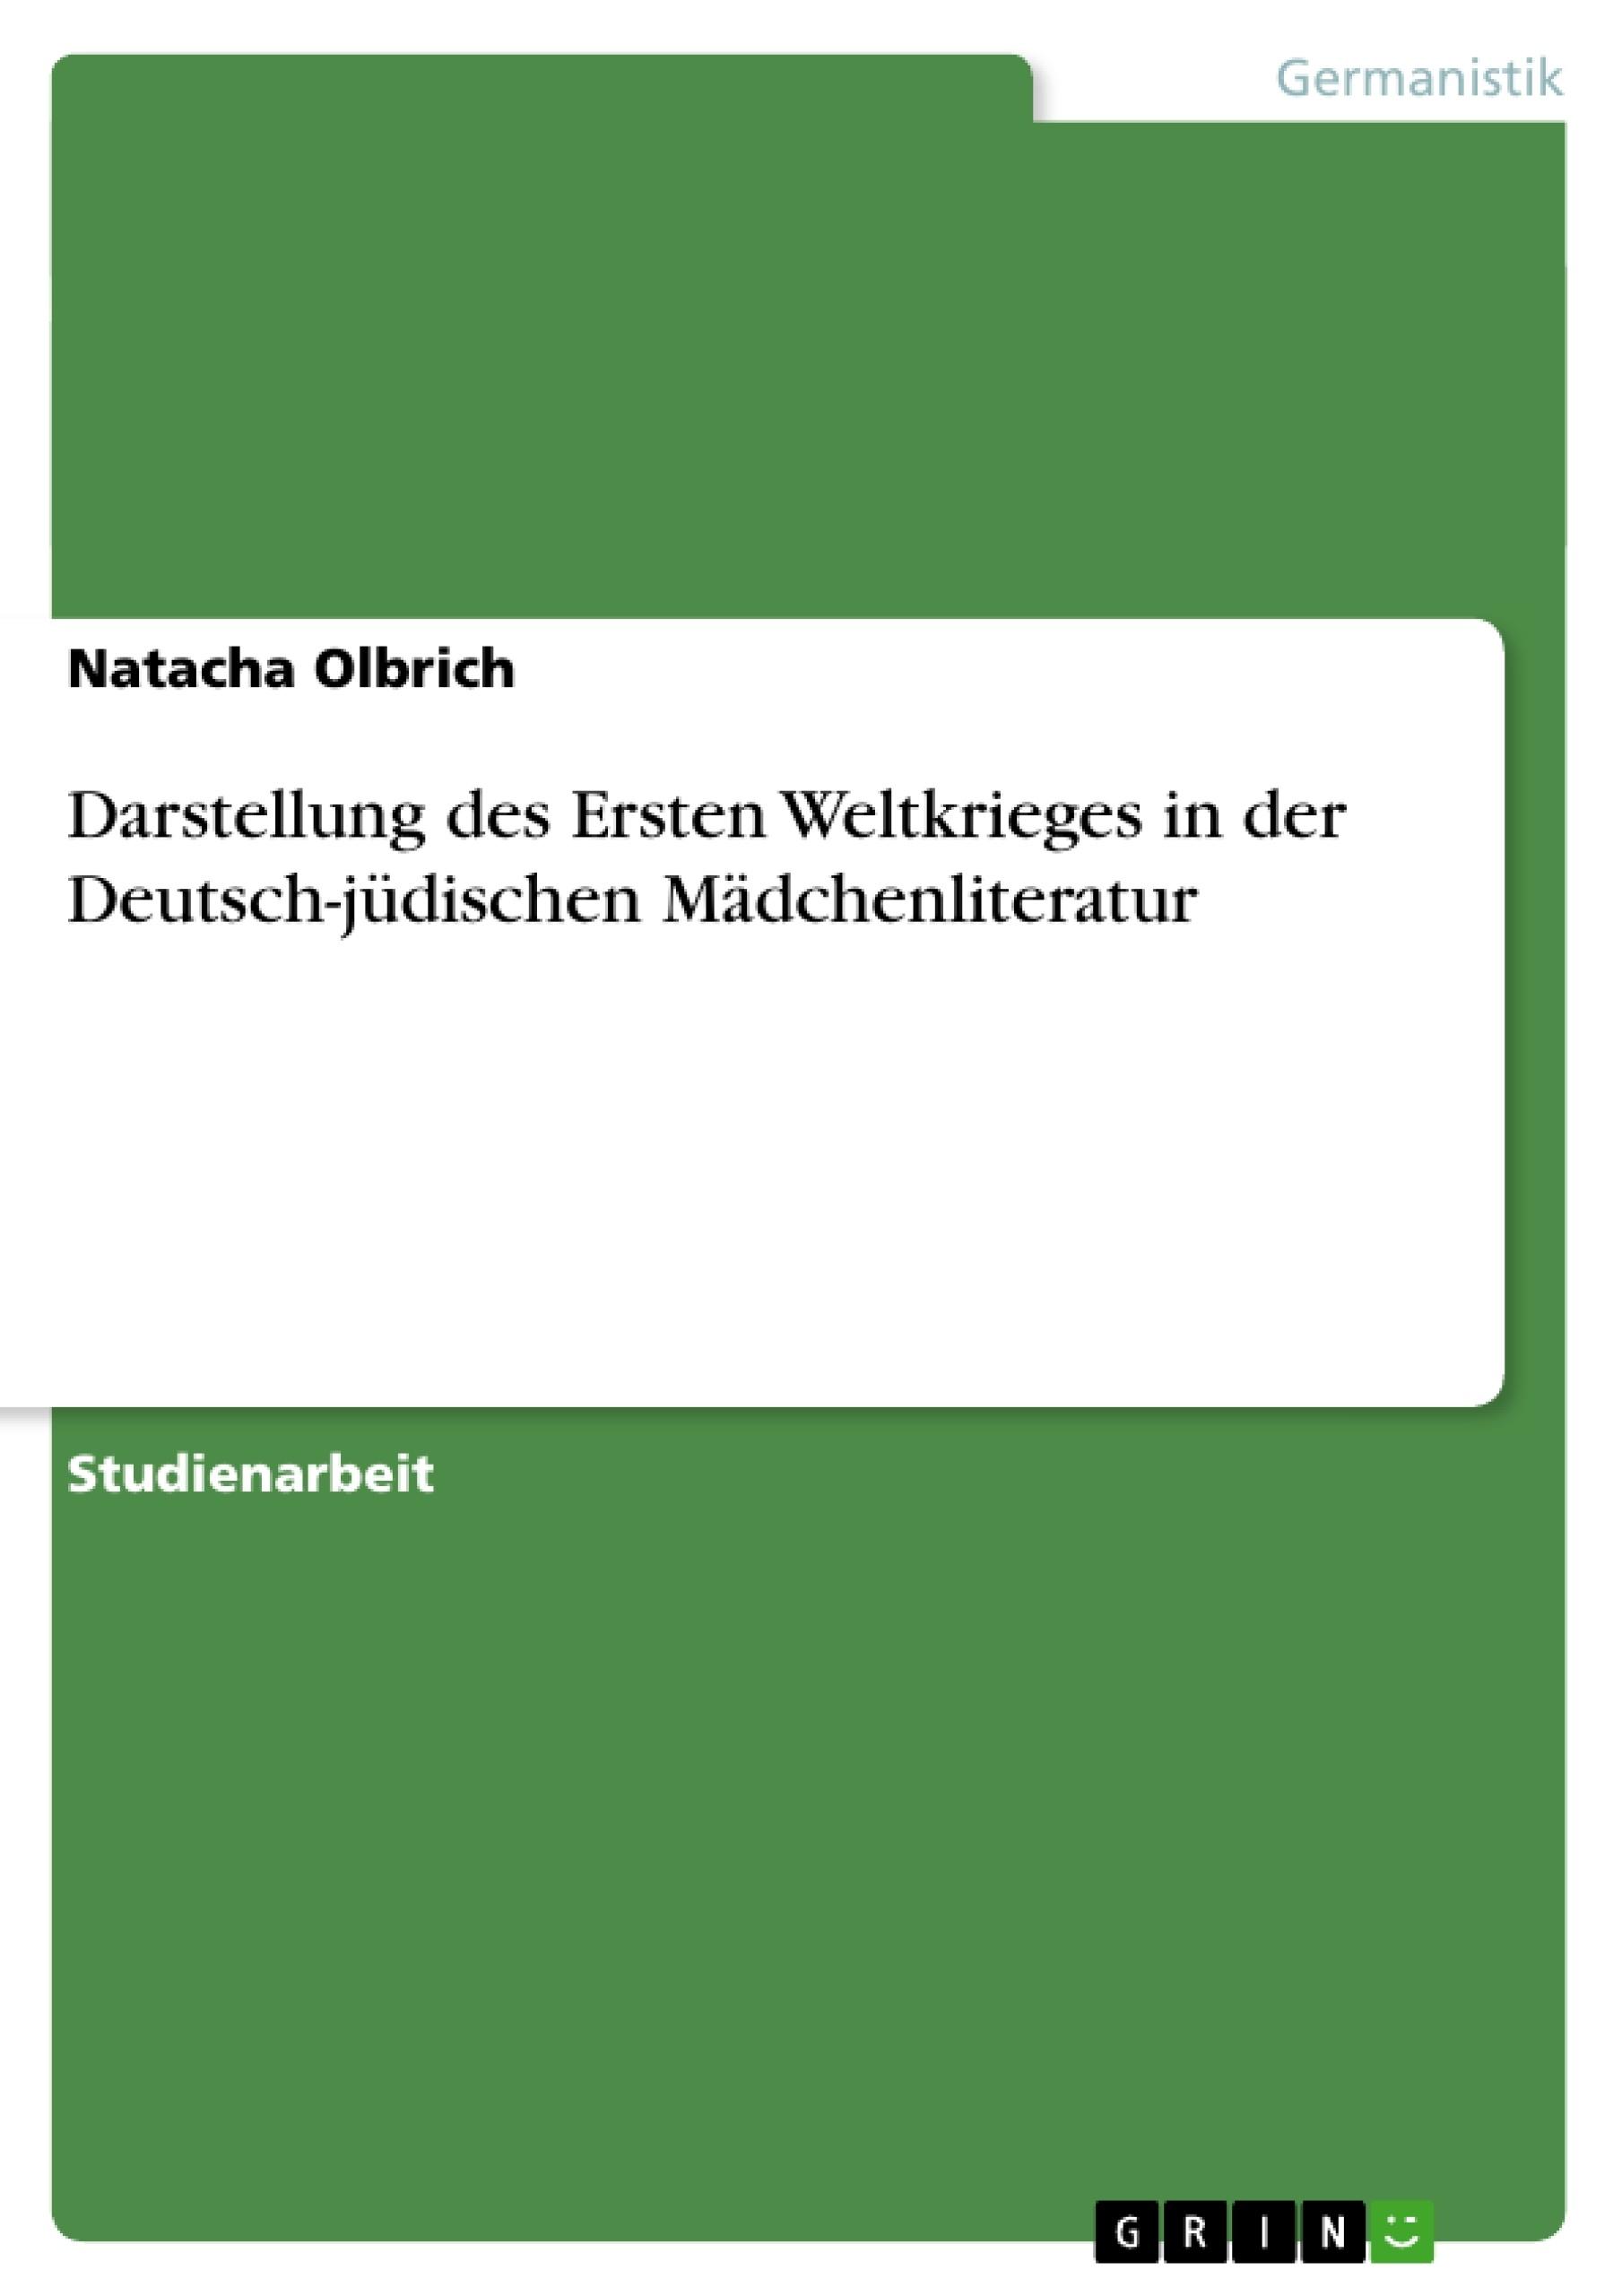 Titel: Darstellung des Ersten Weltkrieges in der Deutsch-jüdischen Mädchenliteratur